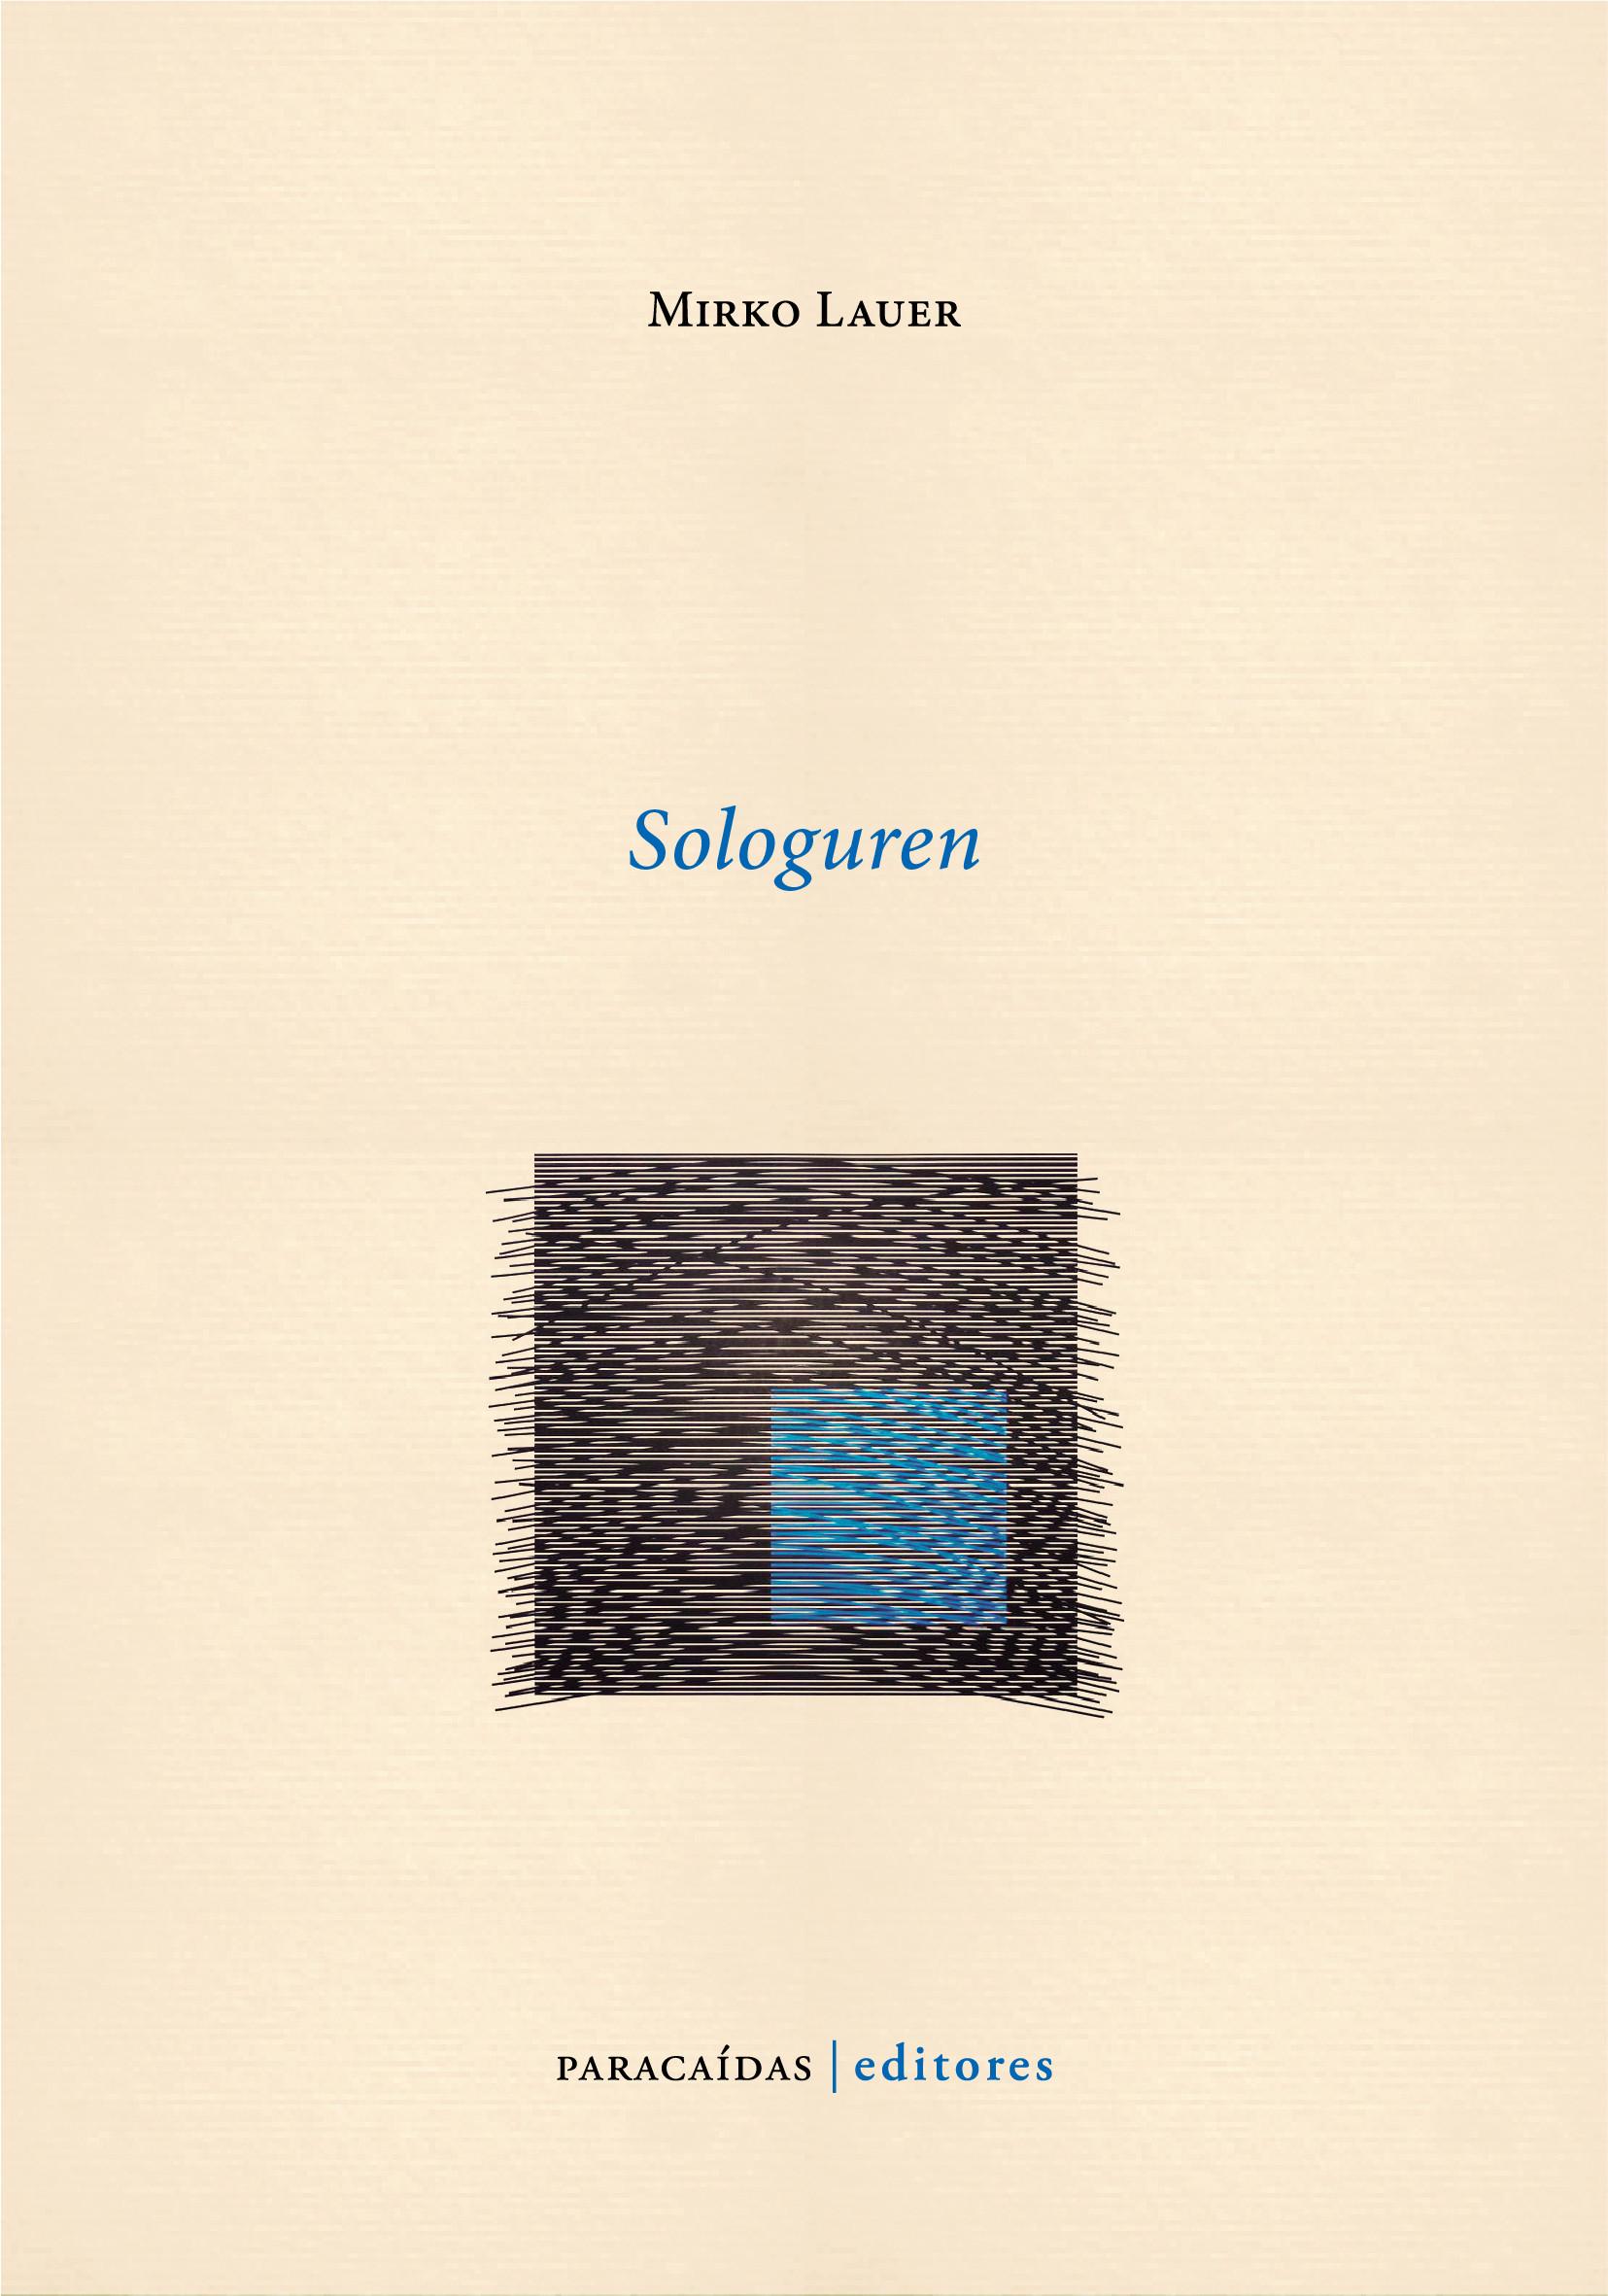 Sologuren